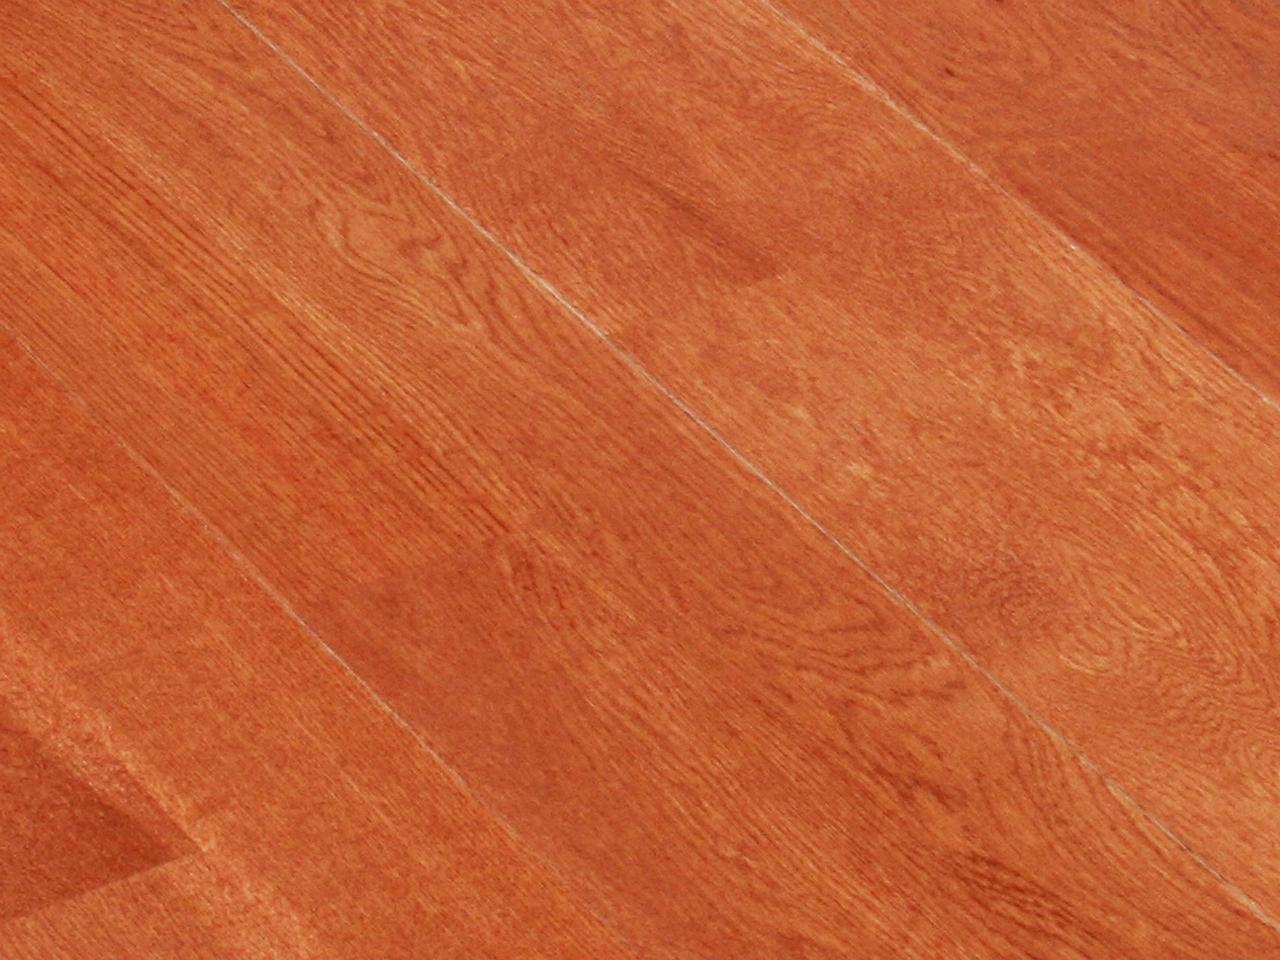 ... Solid Oak Golden Wheat Hardwood Flooring/Floor s/Floor S&B $3.69/SF